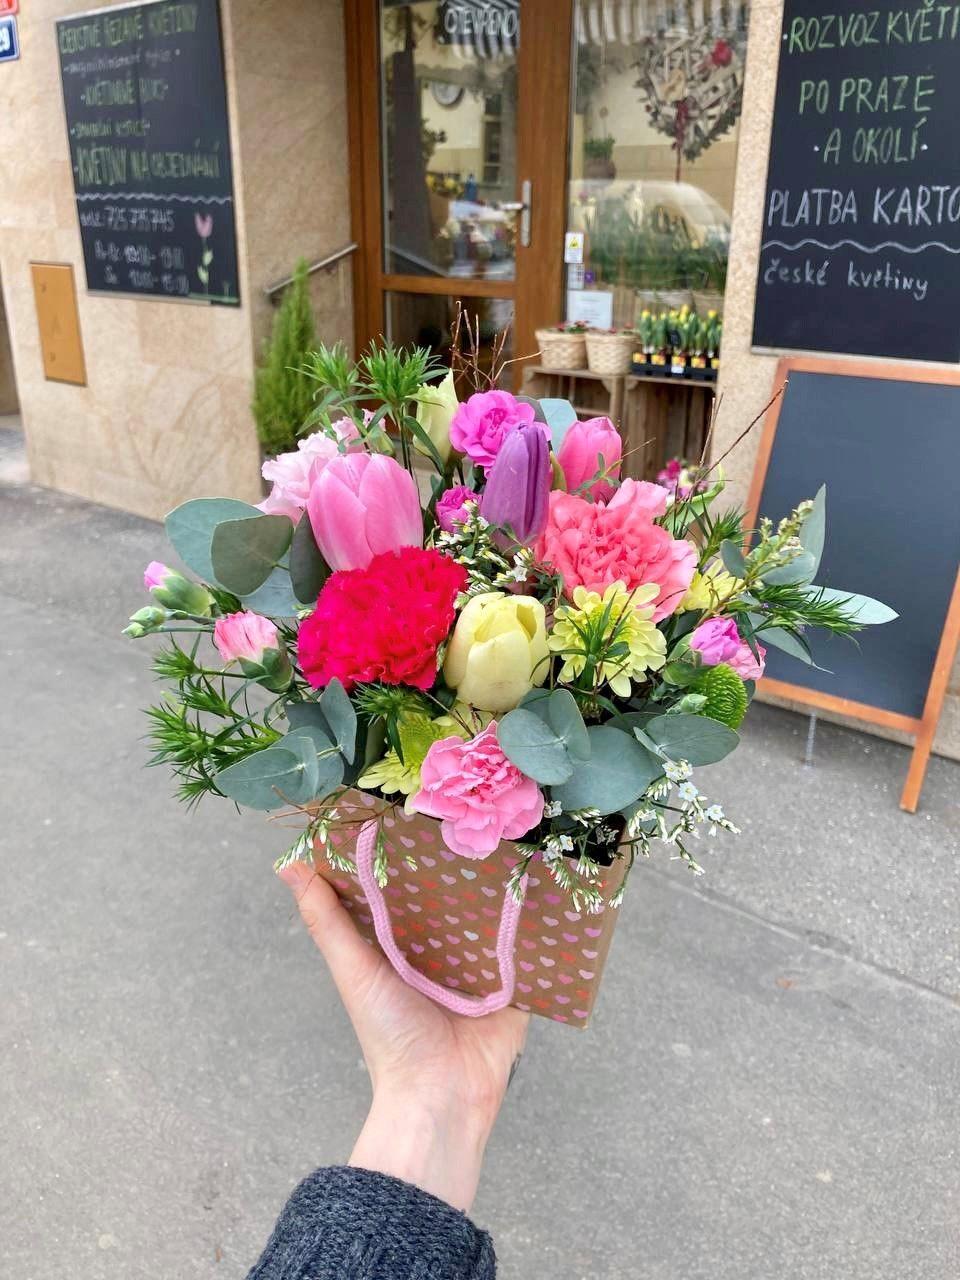 Květinová krabička flowerbox z květinářství Praha